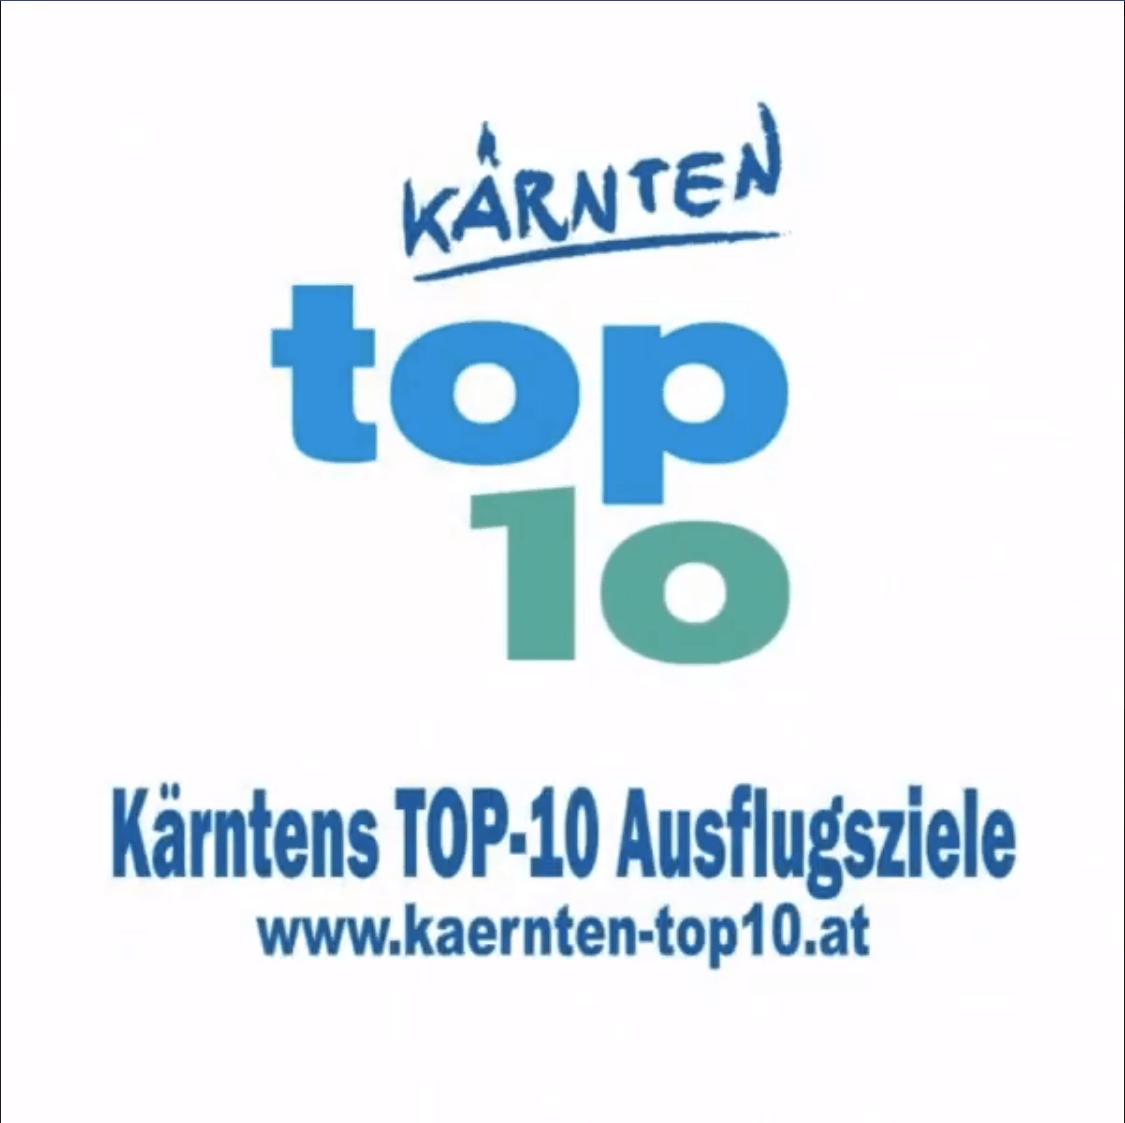 Tierpark & Schloss Rosegg sind eines von Kärntens TOP-10 Ausflugszielen - Bild mit Logo und Webadresse www.kaernten-top10.at